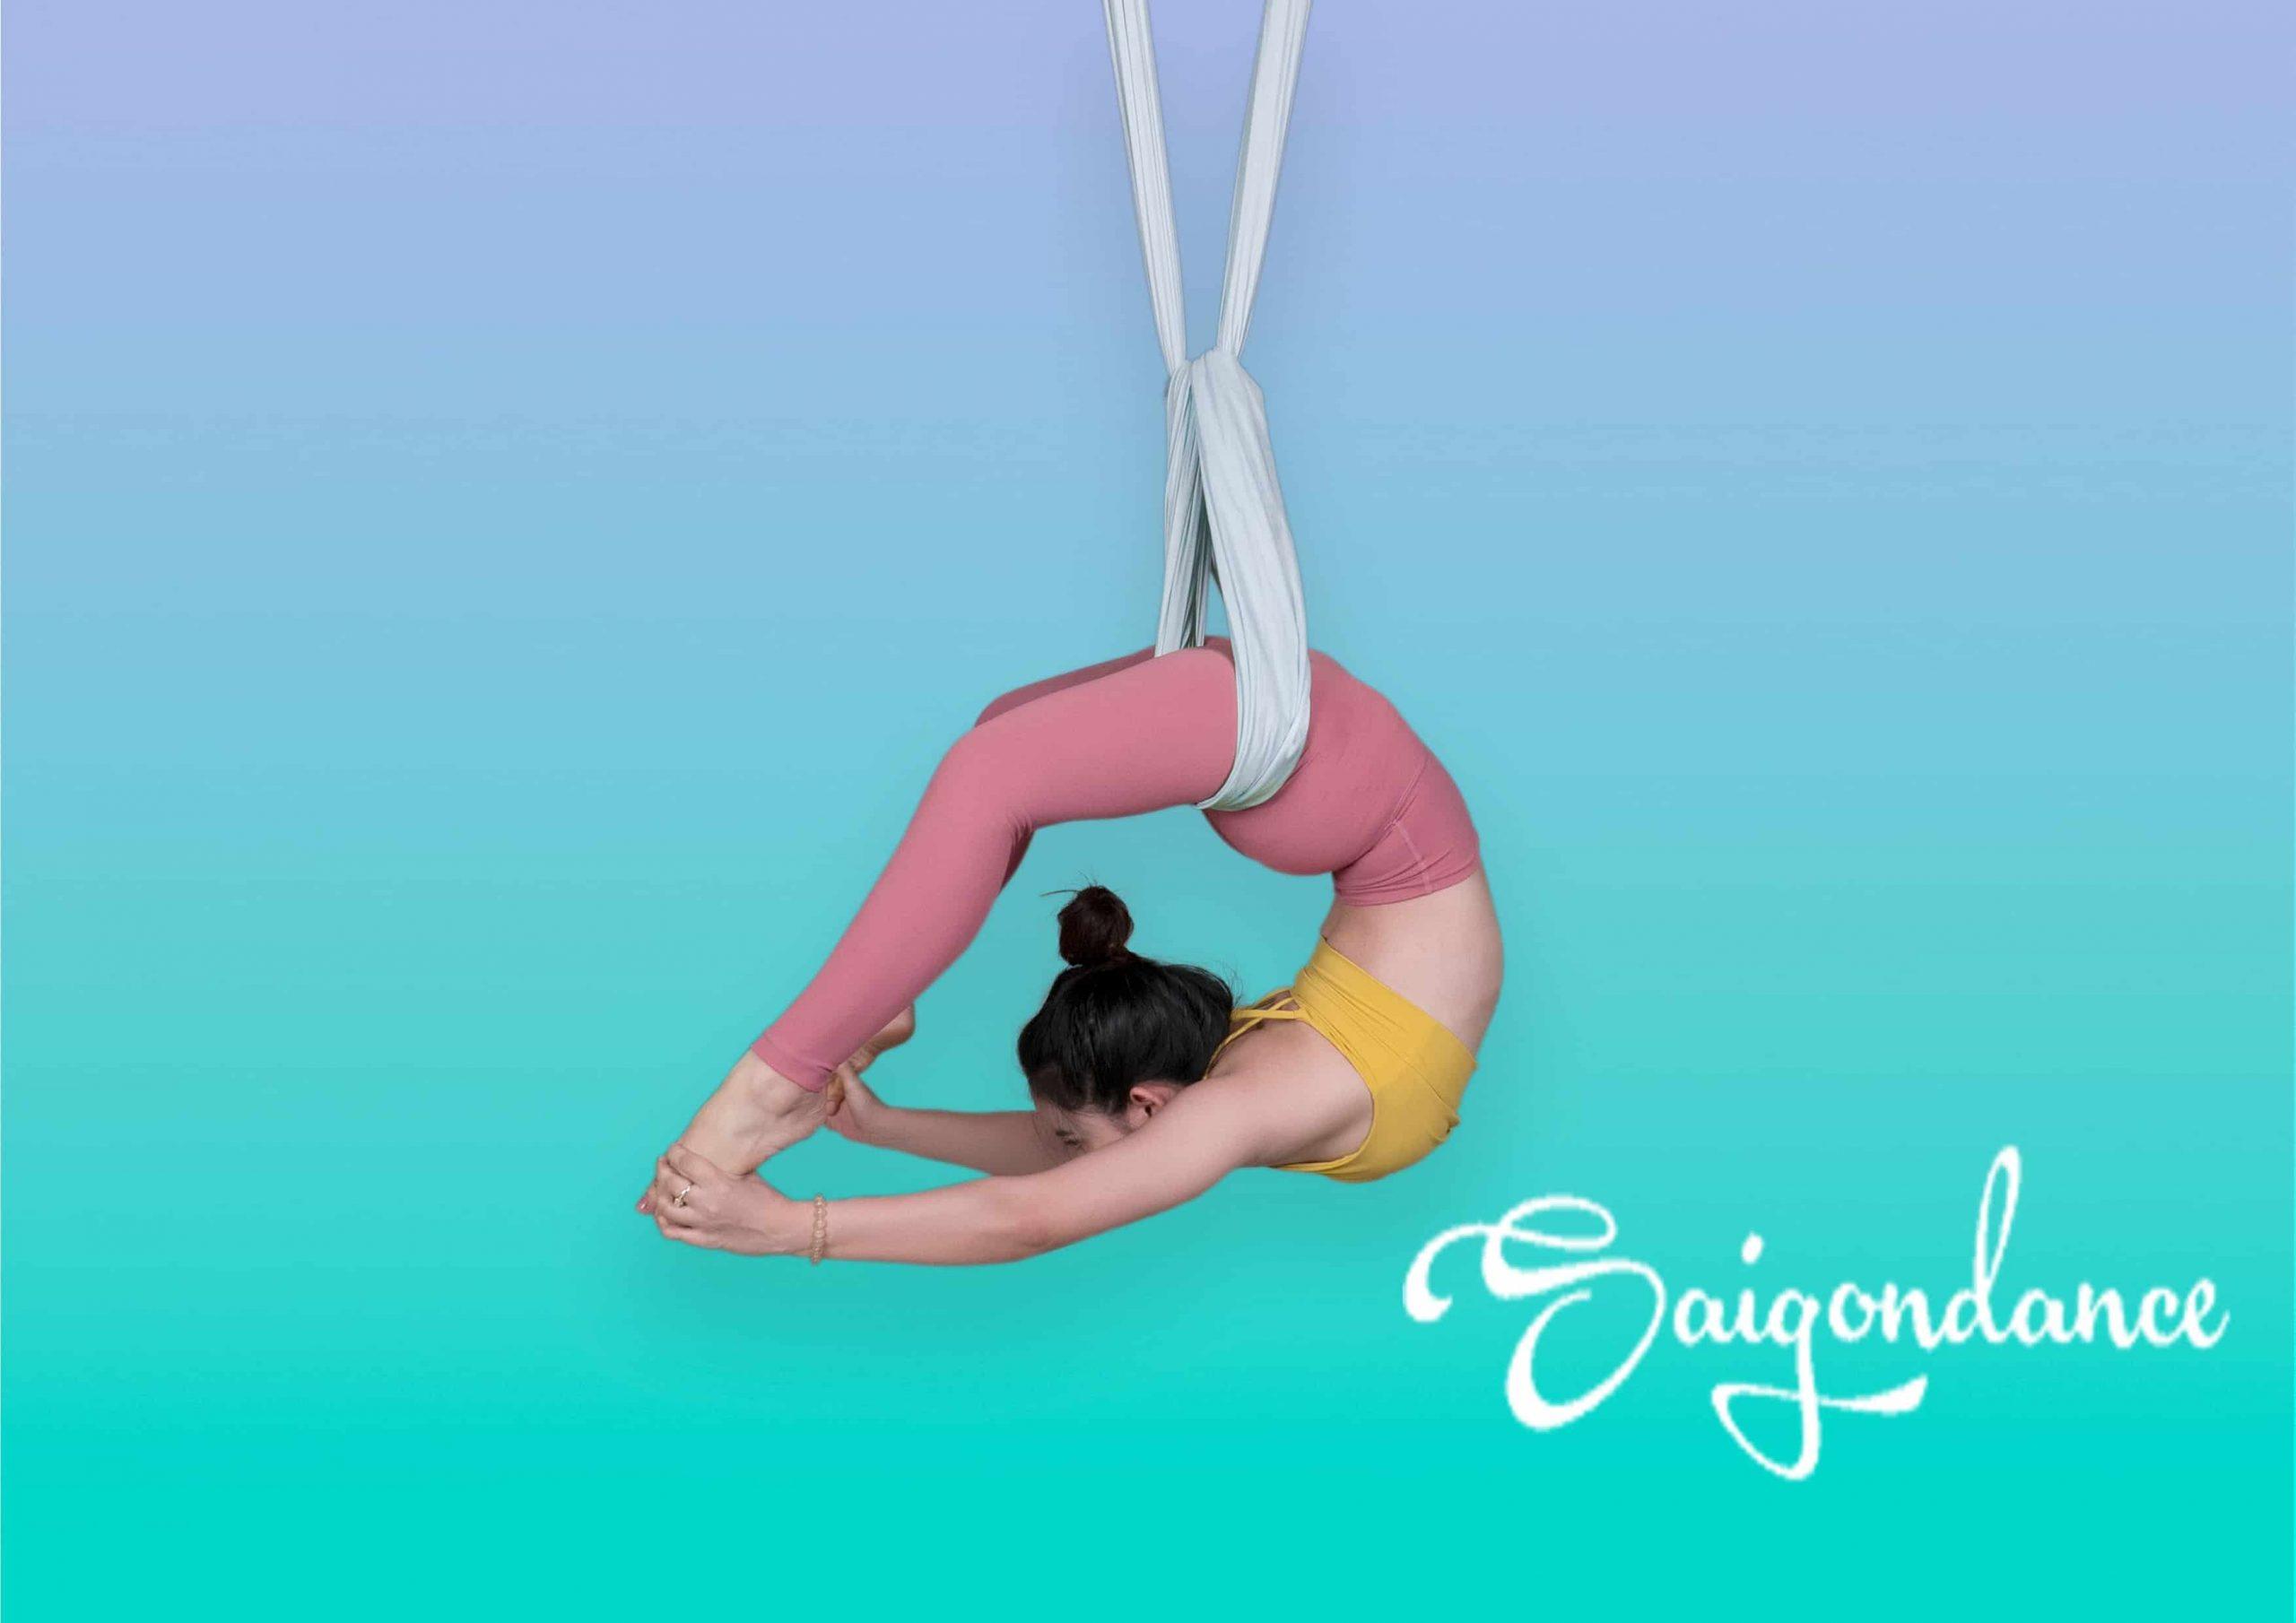 Động tác vặn người trong Yoga bay